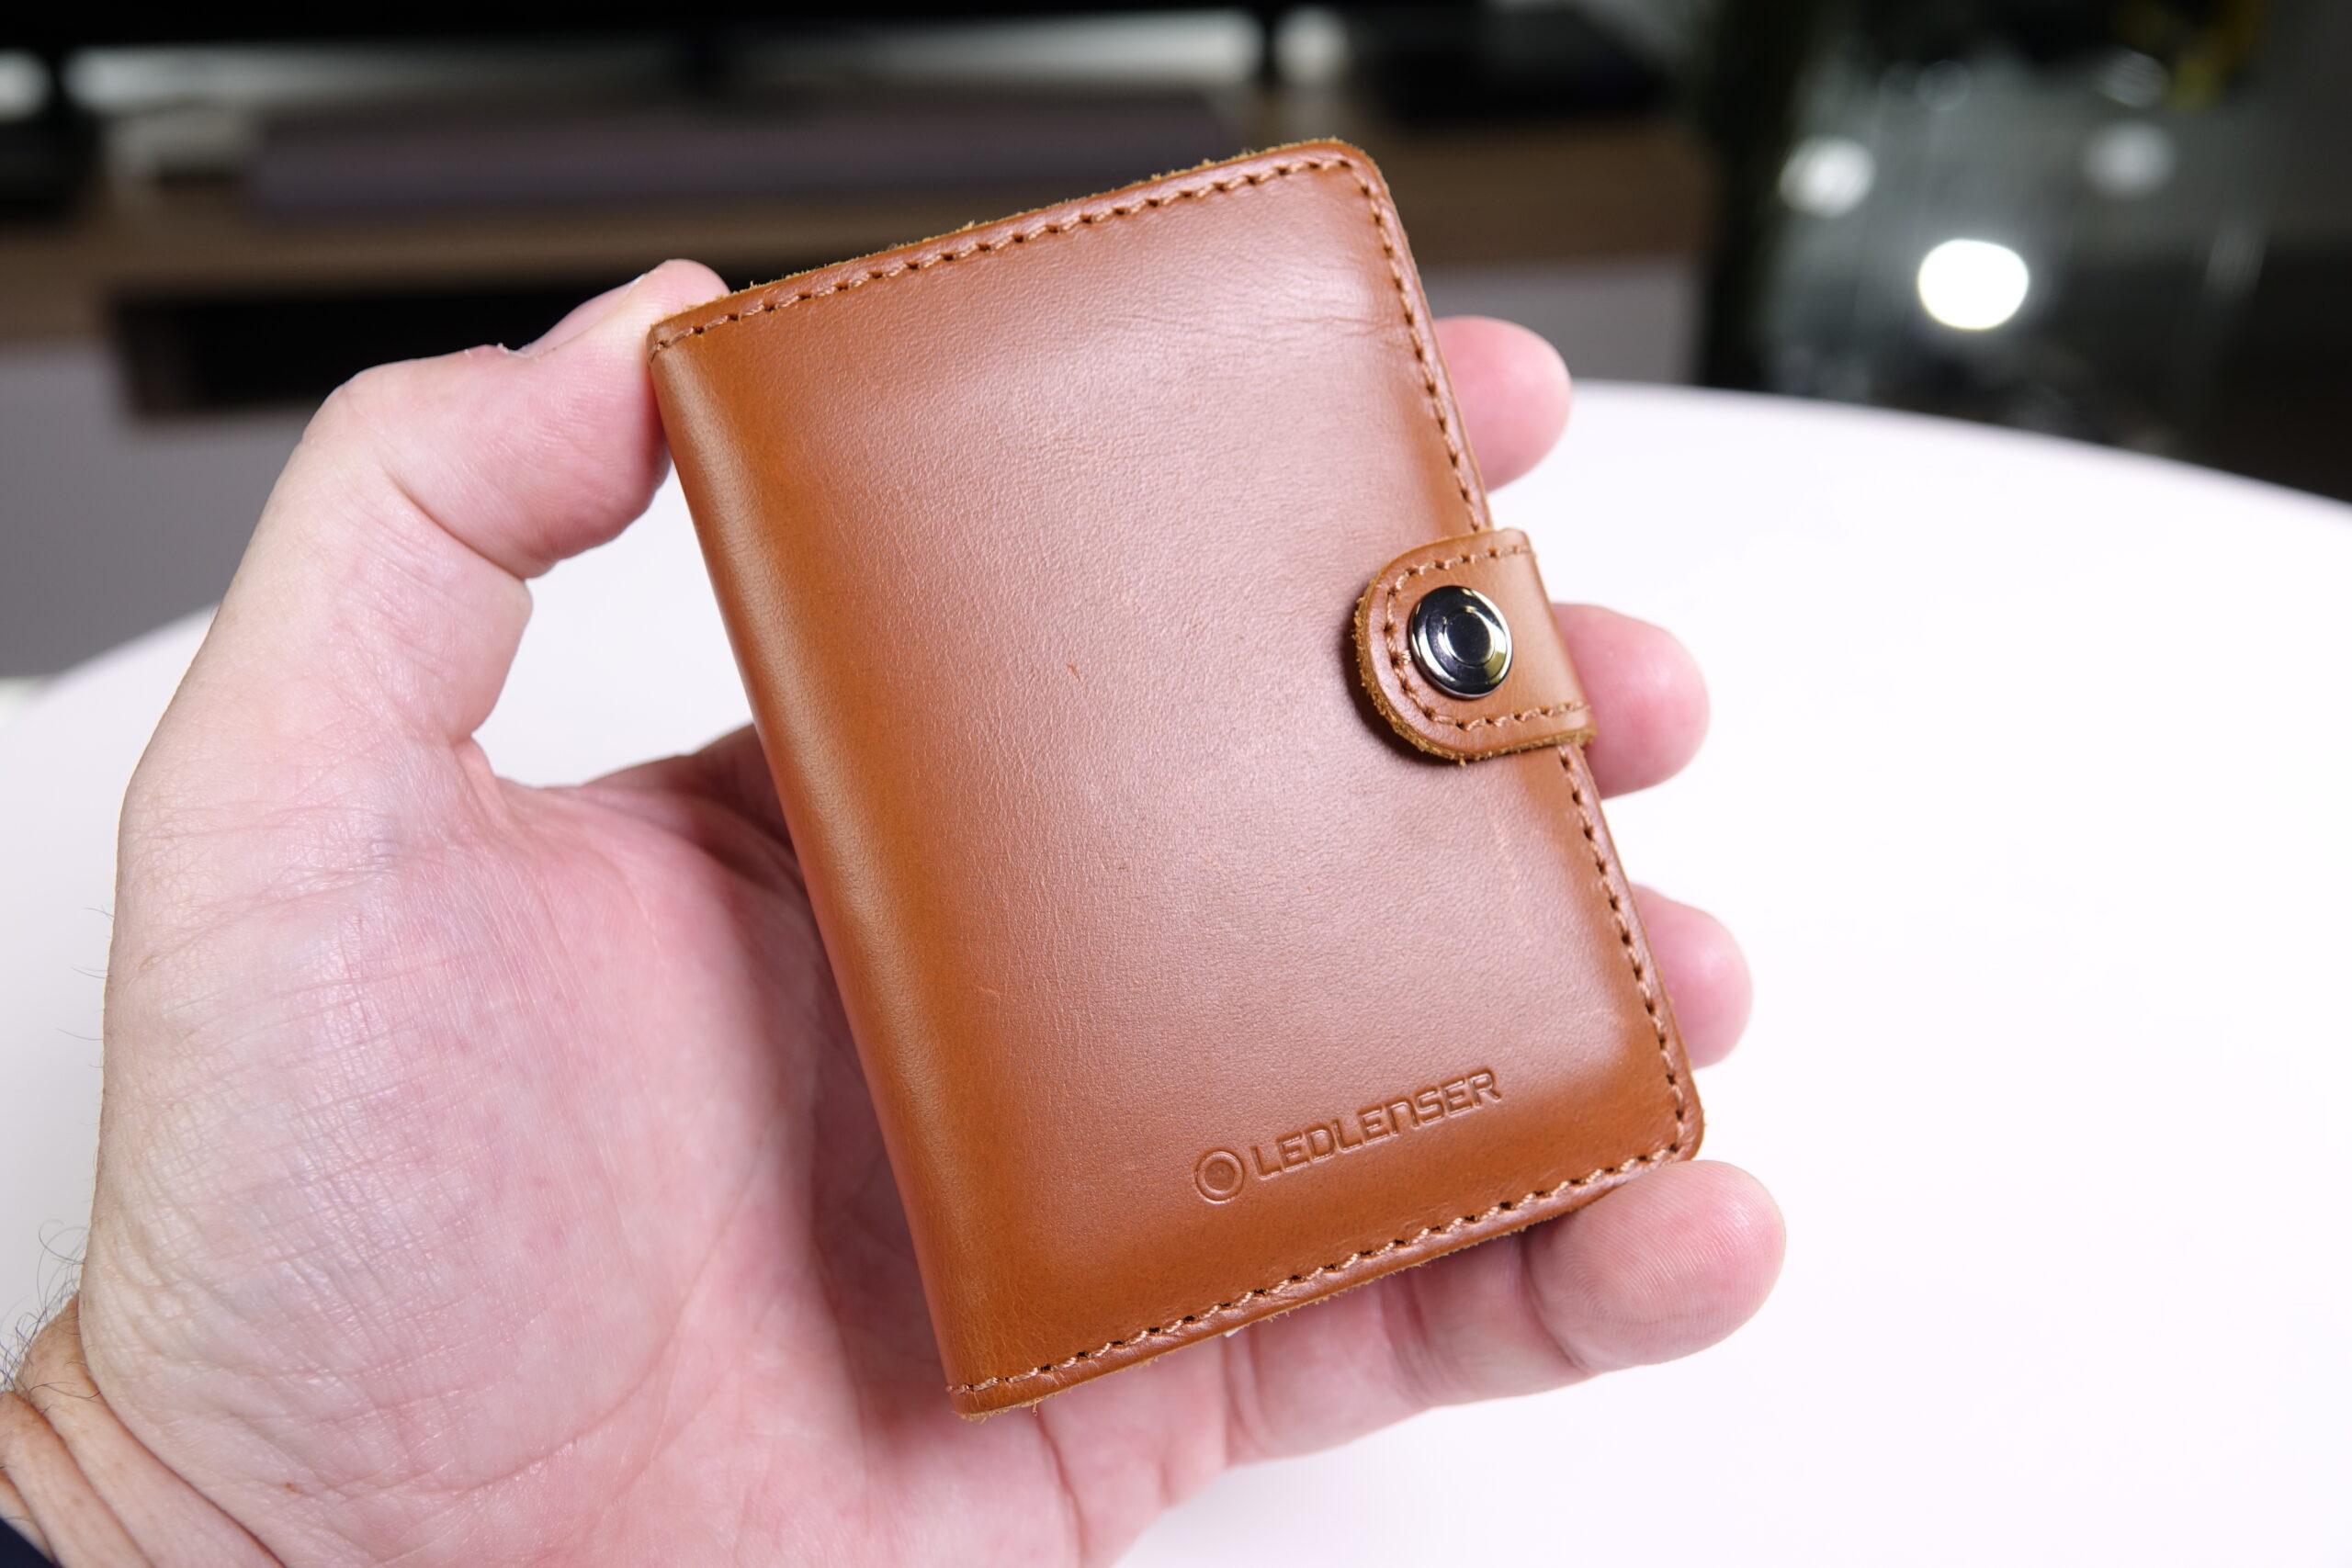 The Ledlenser Lite Wallet held in hand